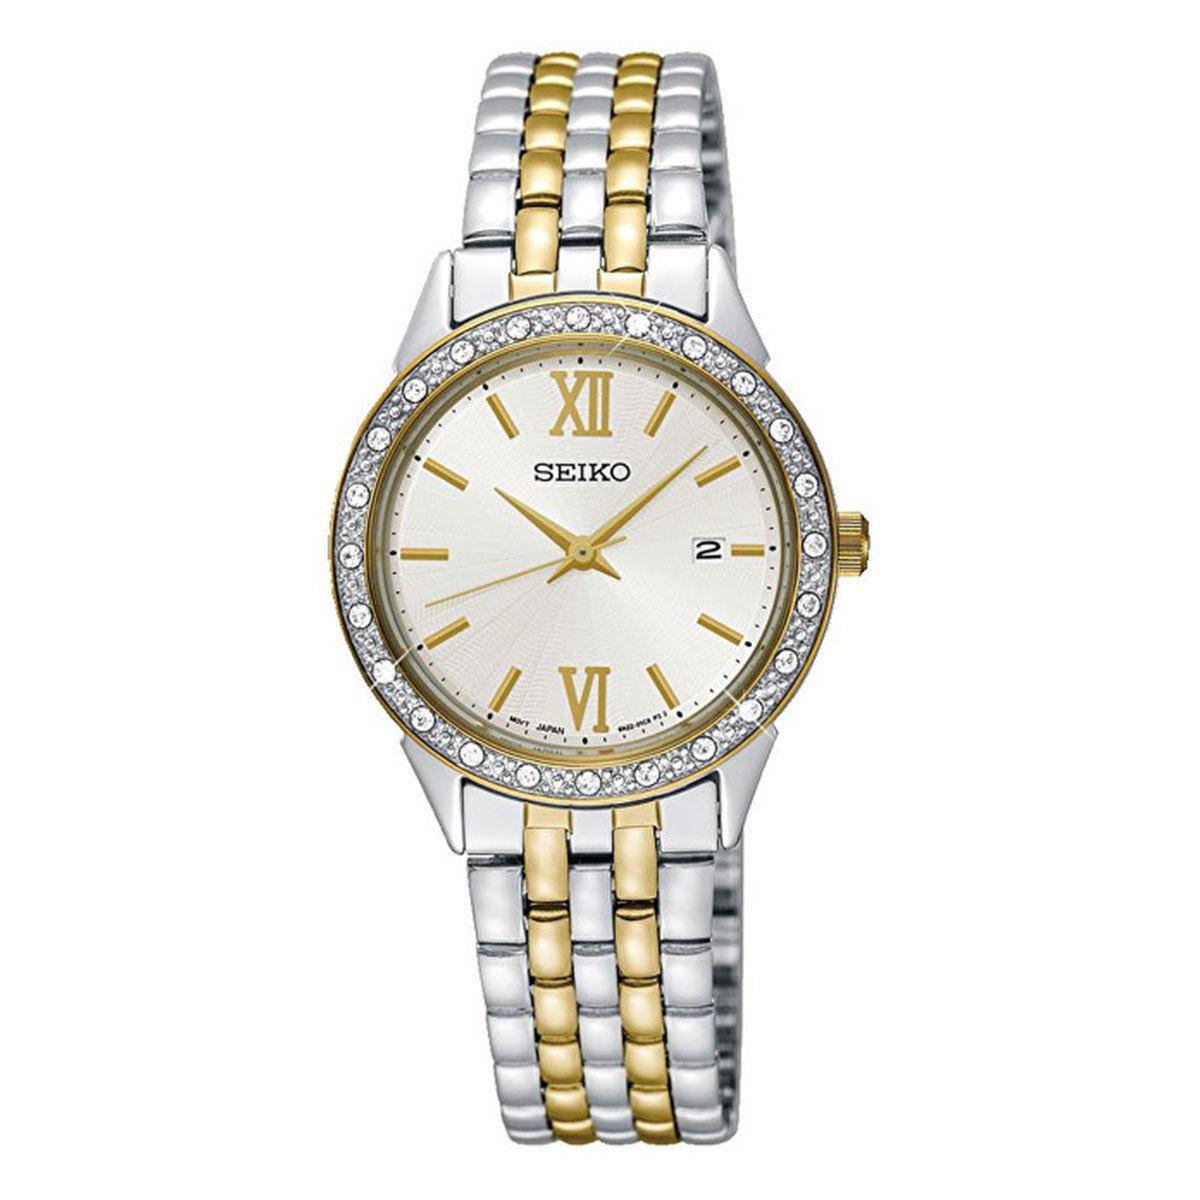 นาฬิกาผู้หญิง Seiko รุ่น SUR690P1, Quartz